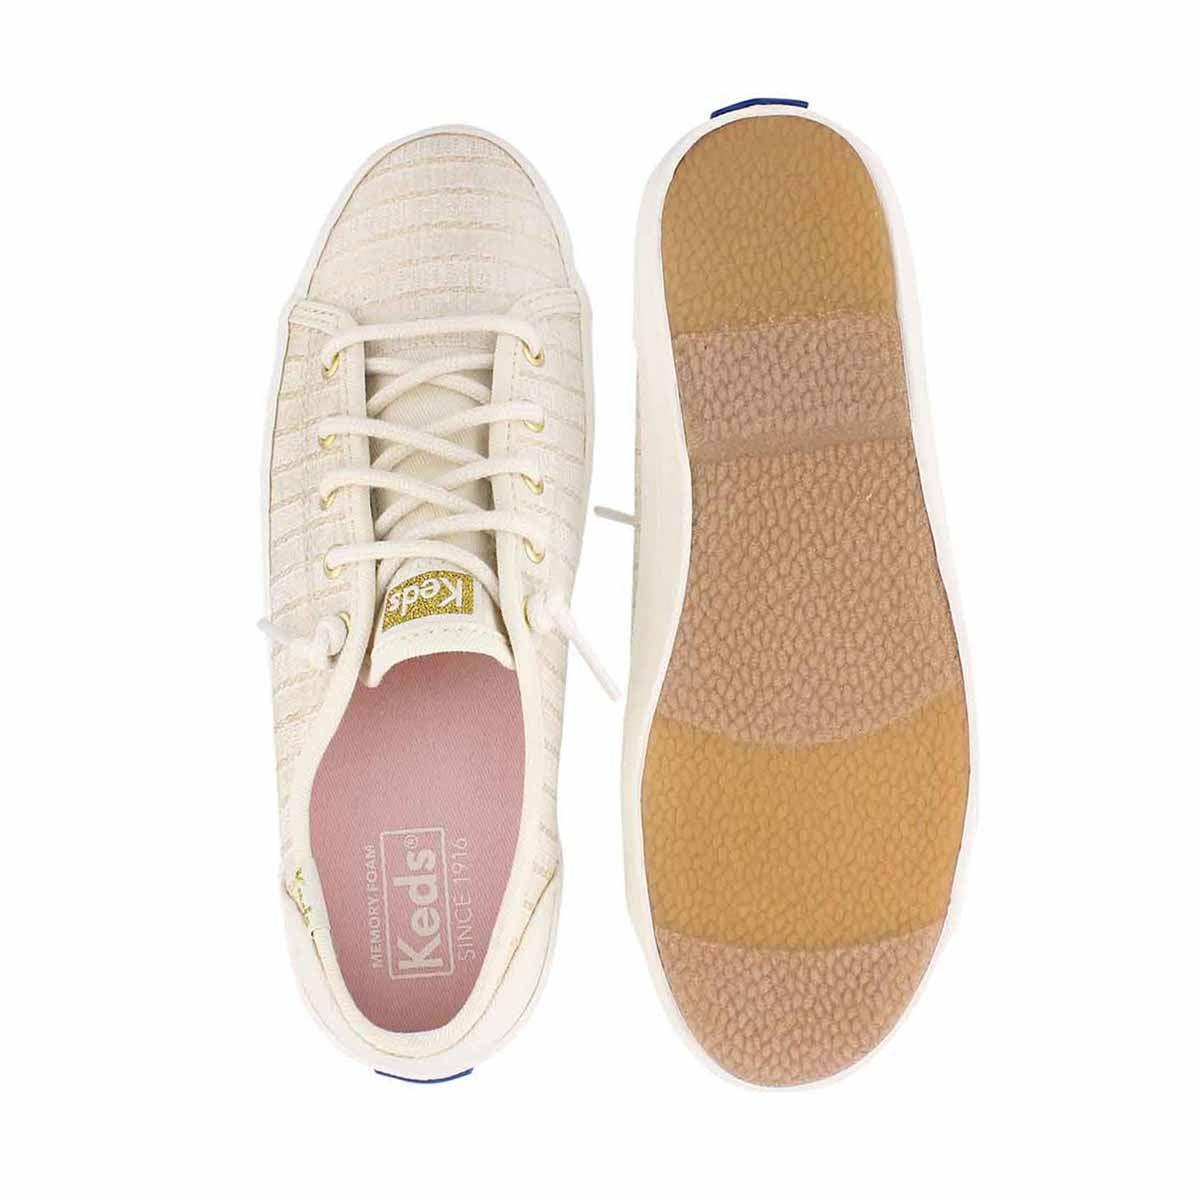 Grls Kickstart Seasonal ivory sneaker